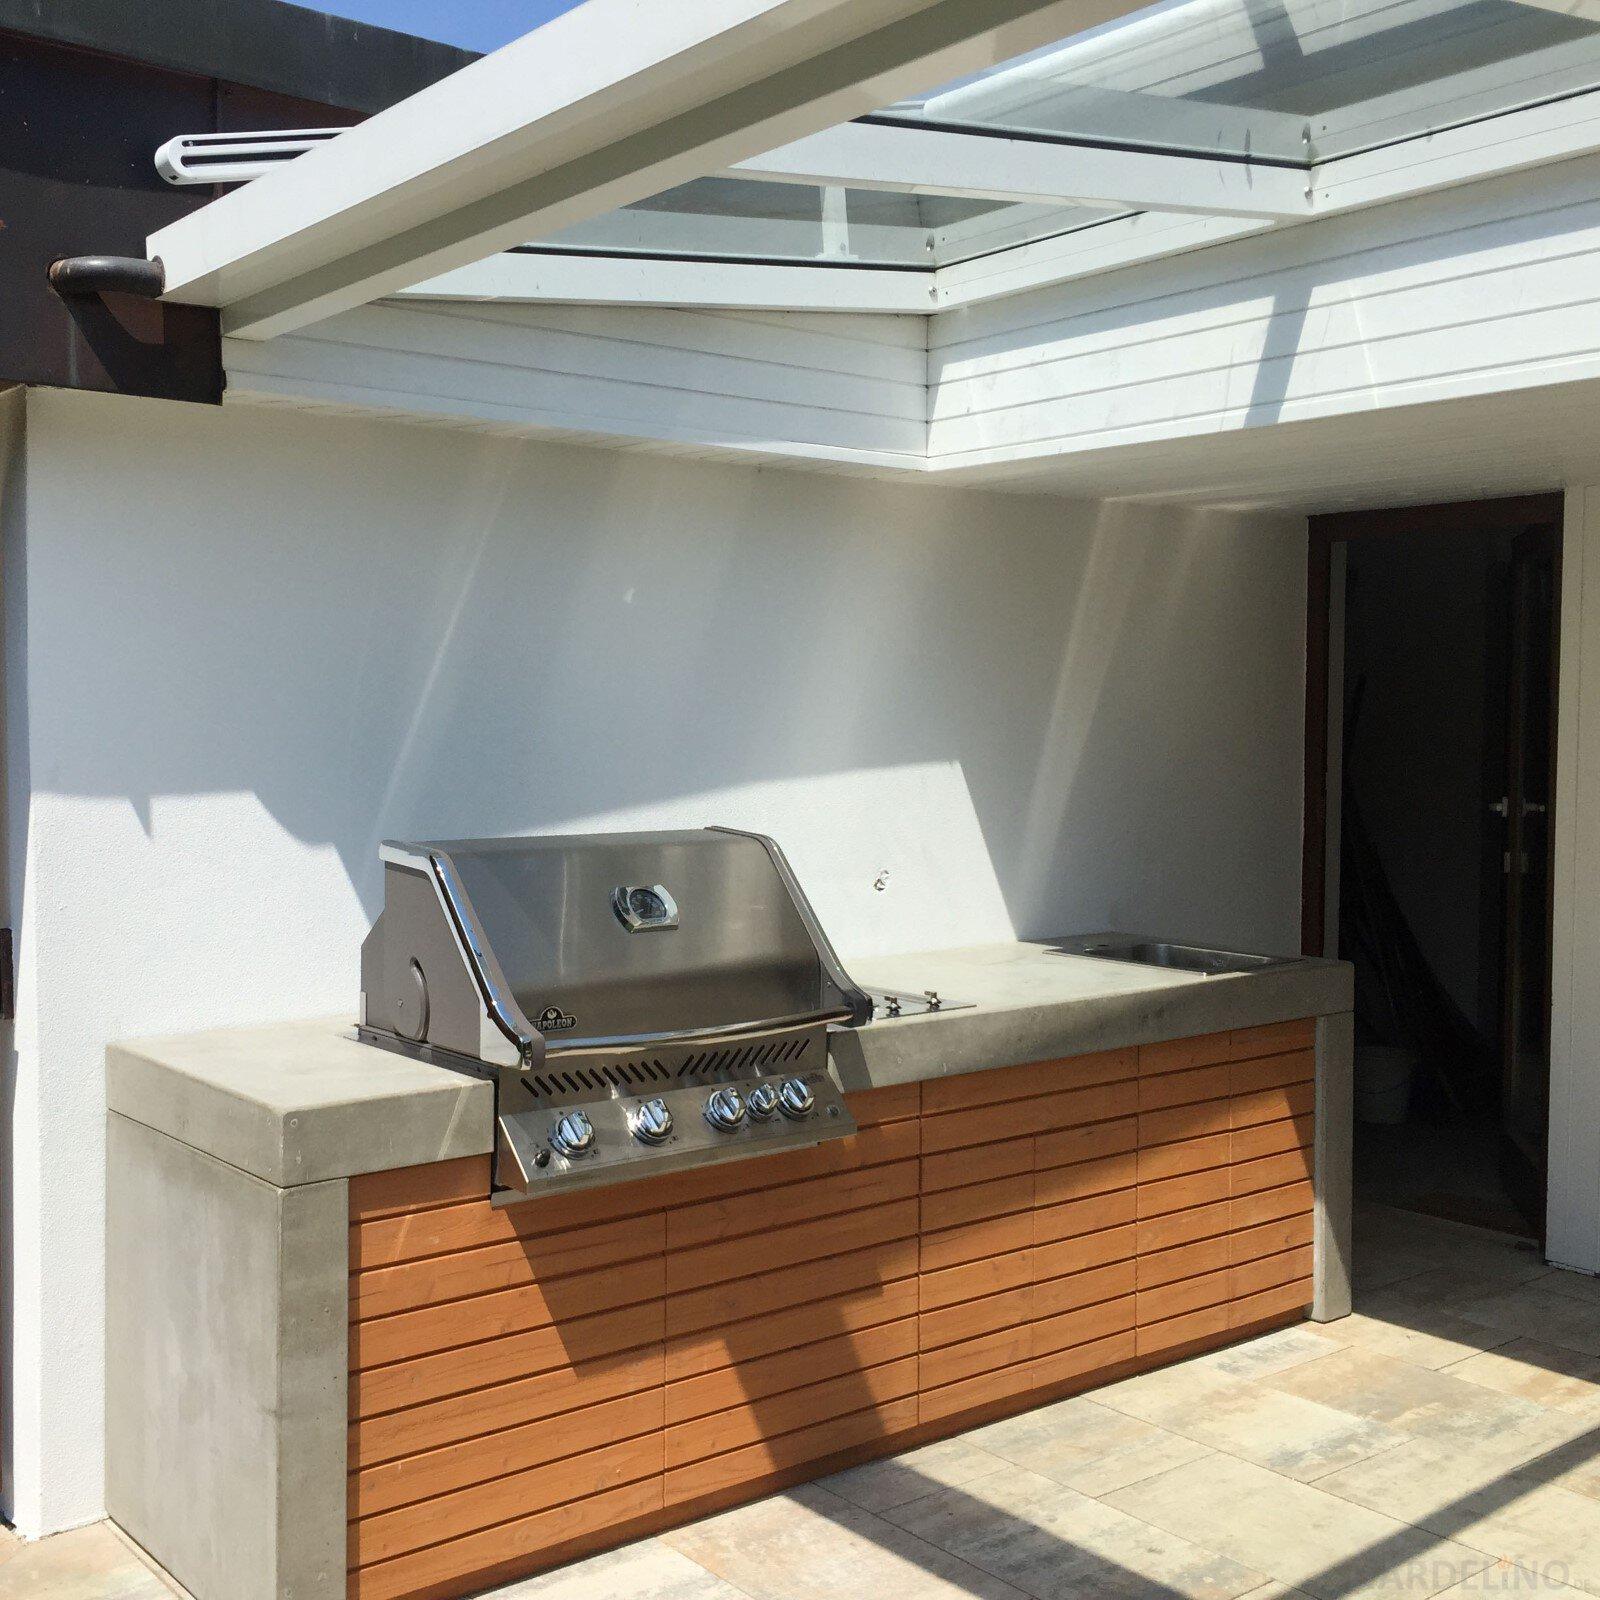 Beton Outdoorküche mit Napoleon Grill | Gardelino.de Kundenbericht